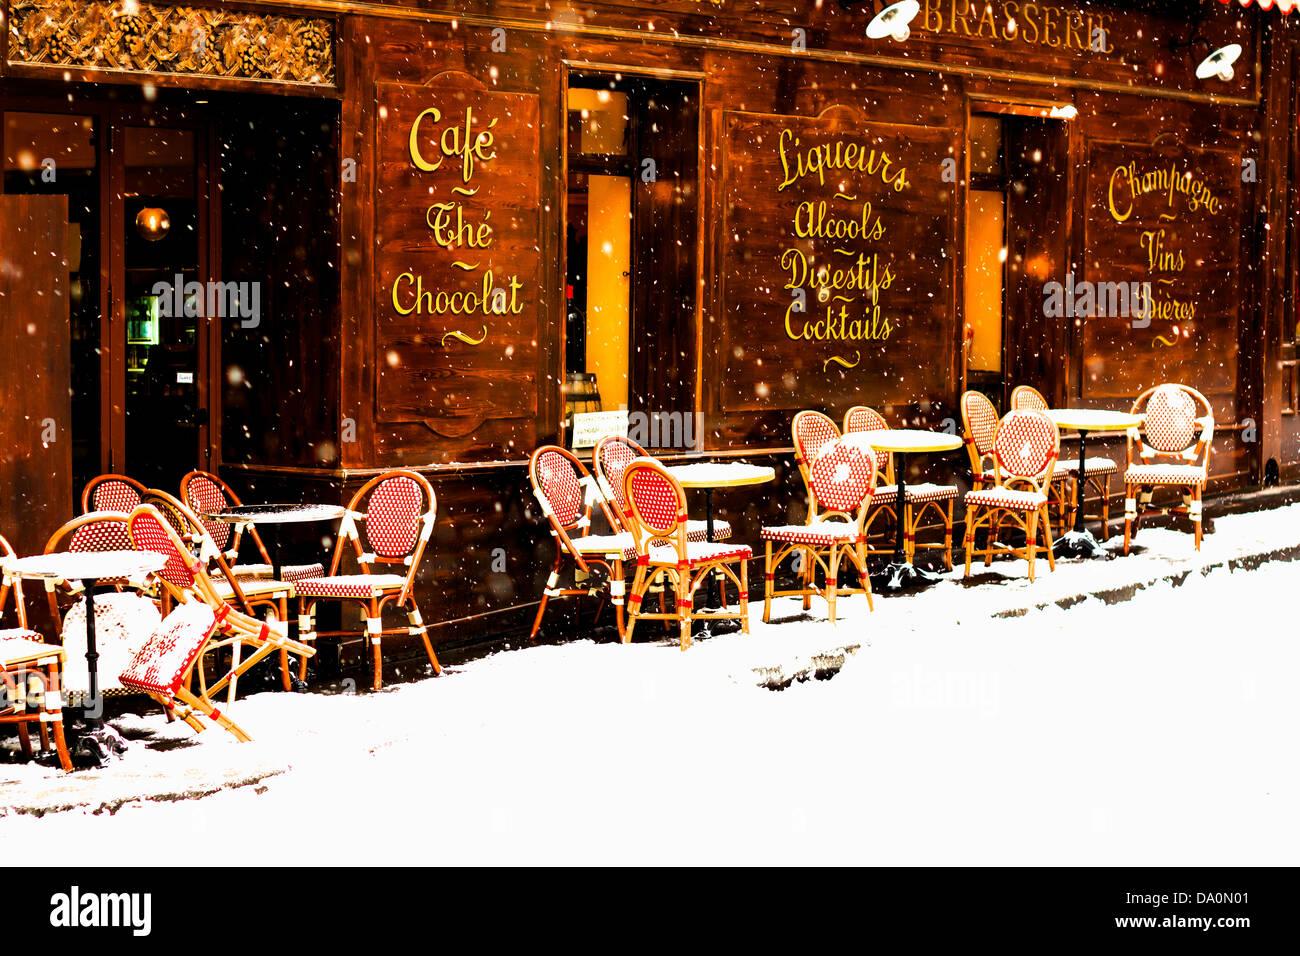 Maison en bois café parisien avec ses tables et chaises sur le trottoir en hiver avec la chute de neige Photo Stock